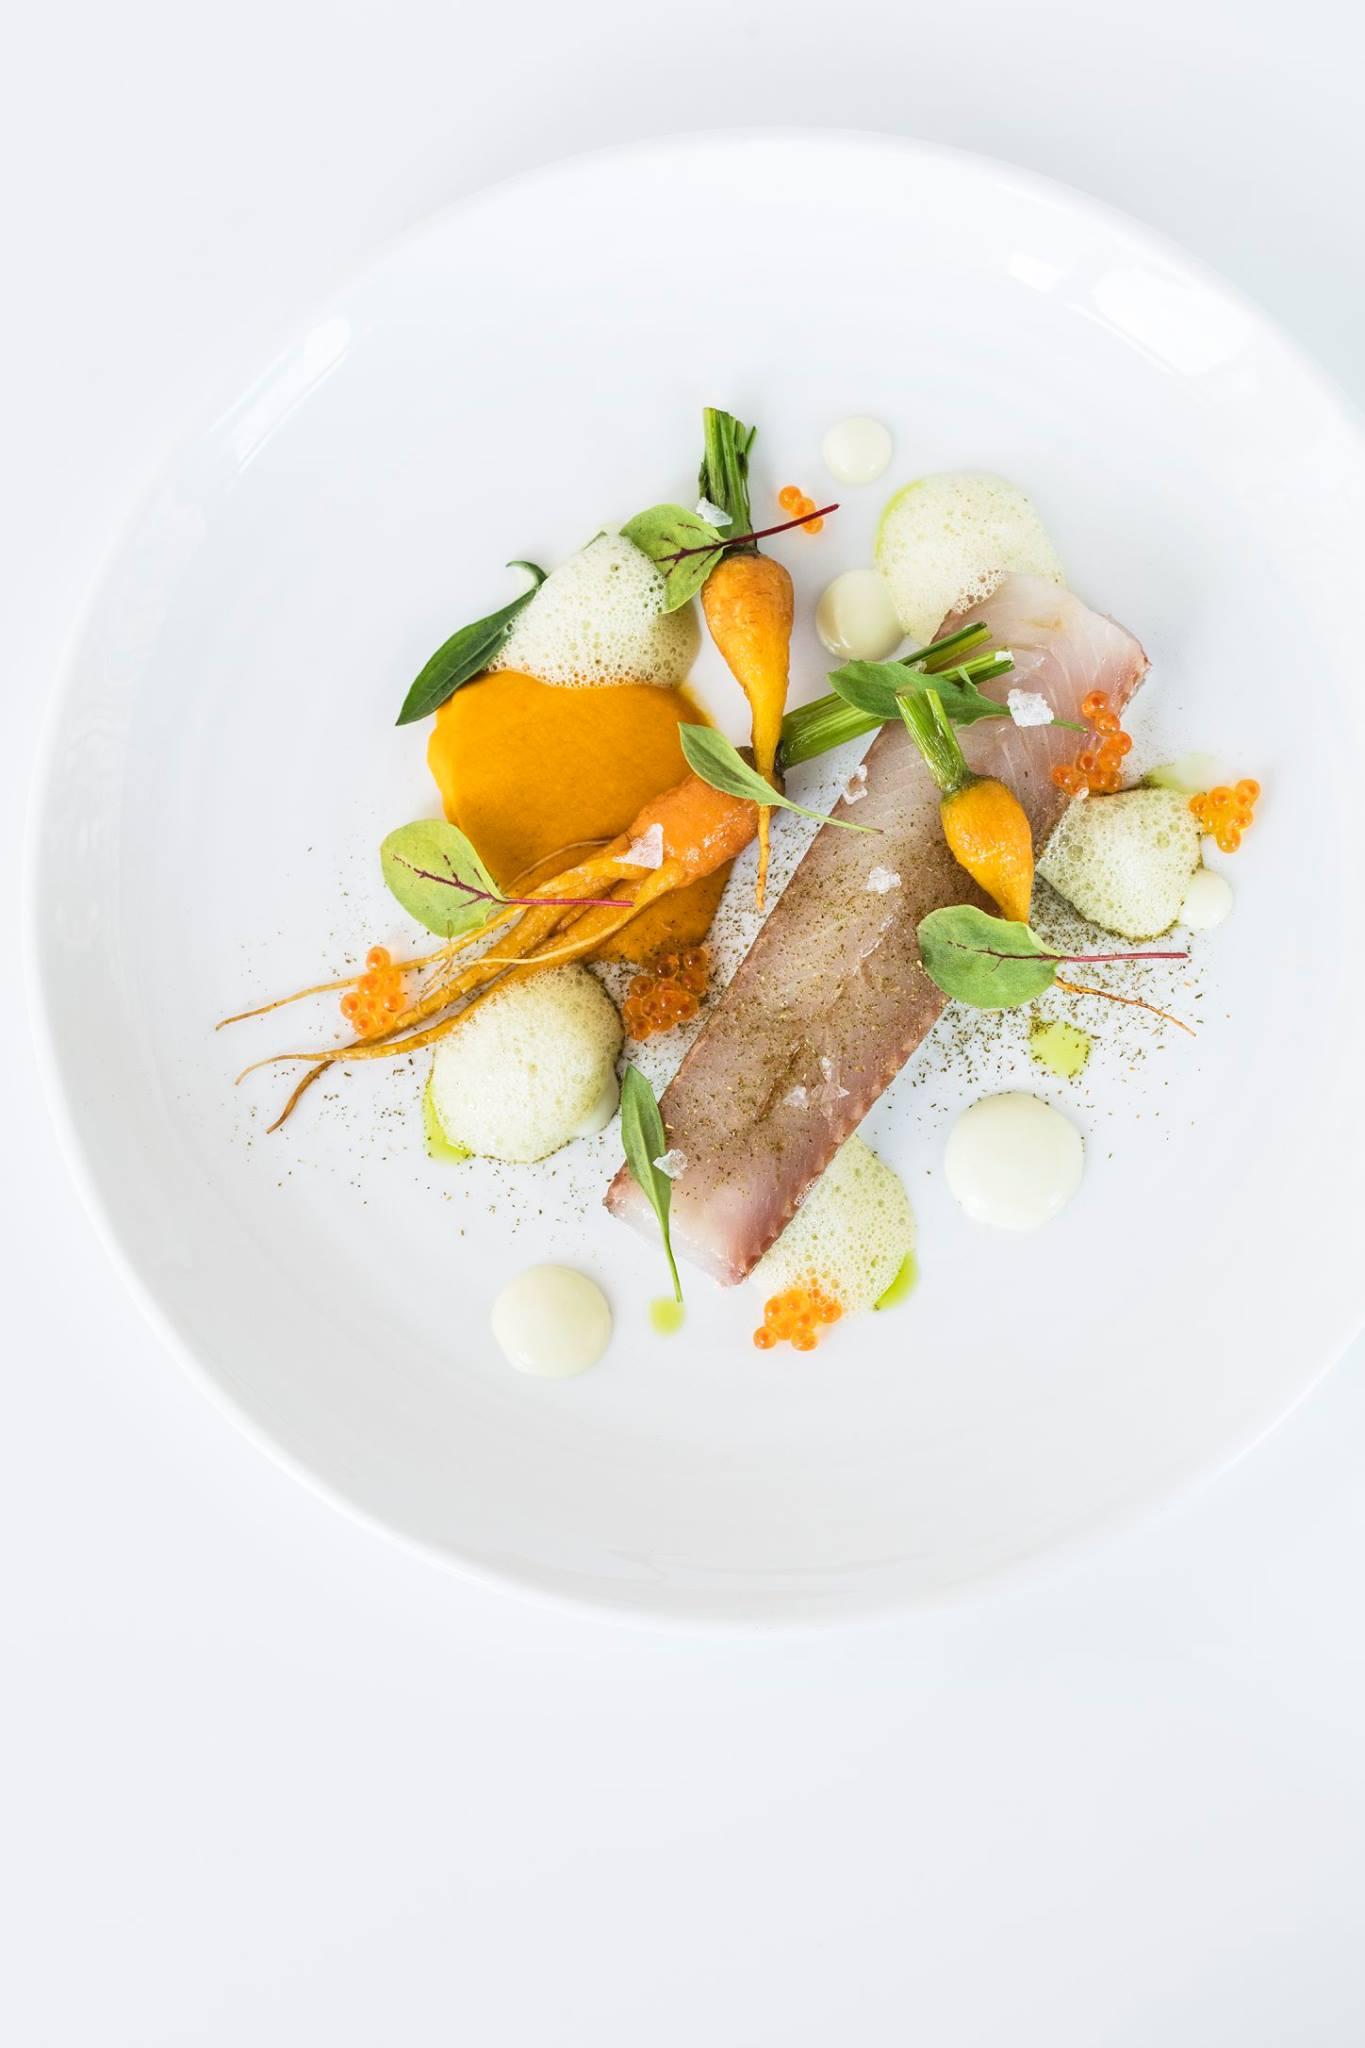 routesRestaurant PRaiRial : carottes